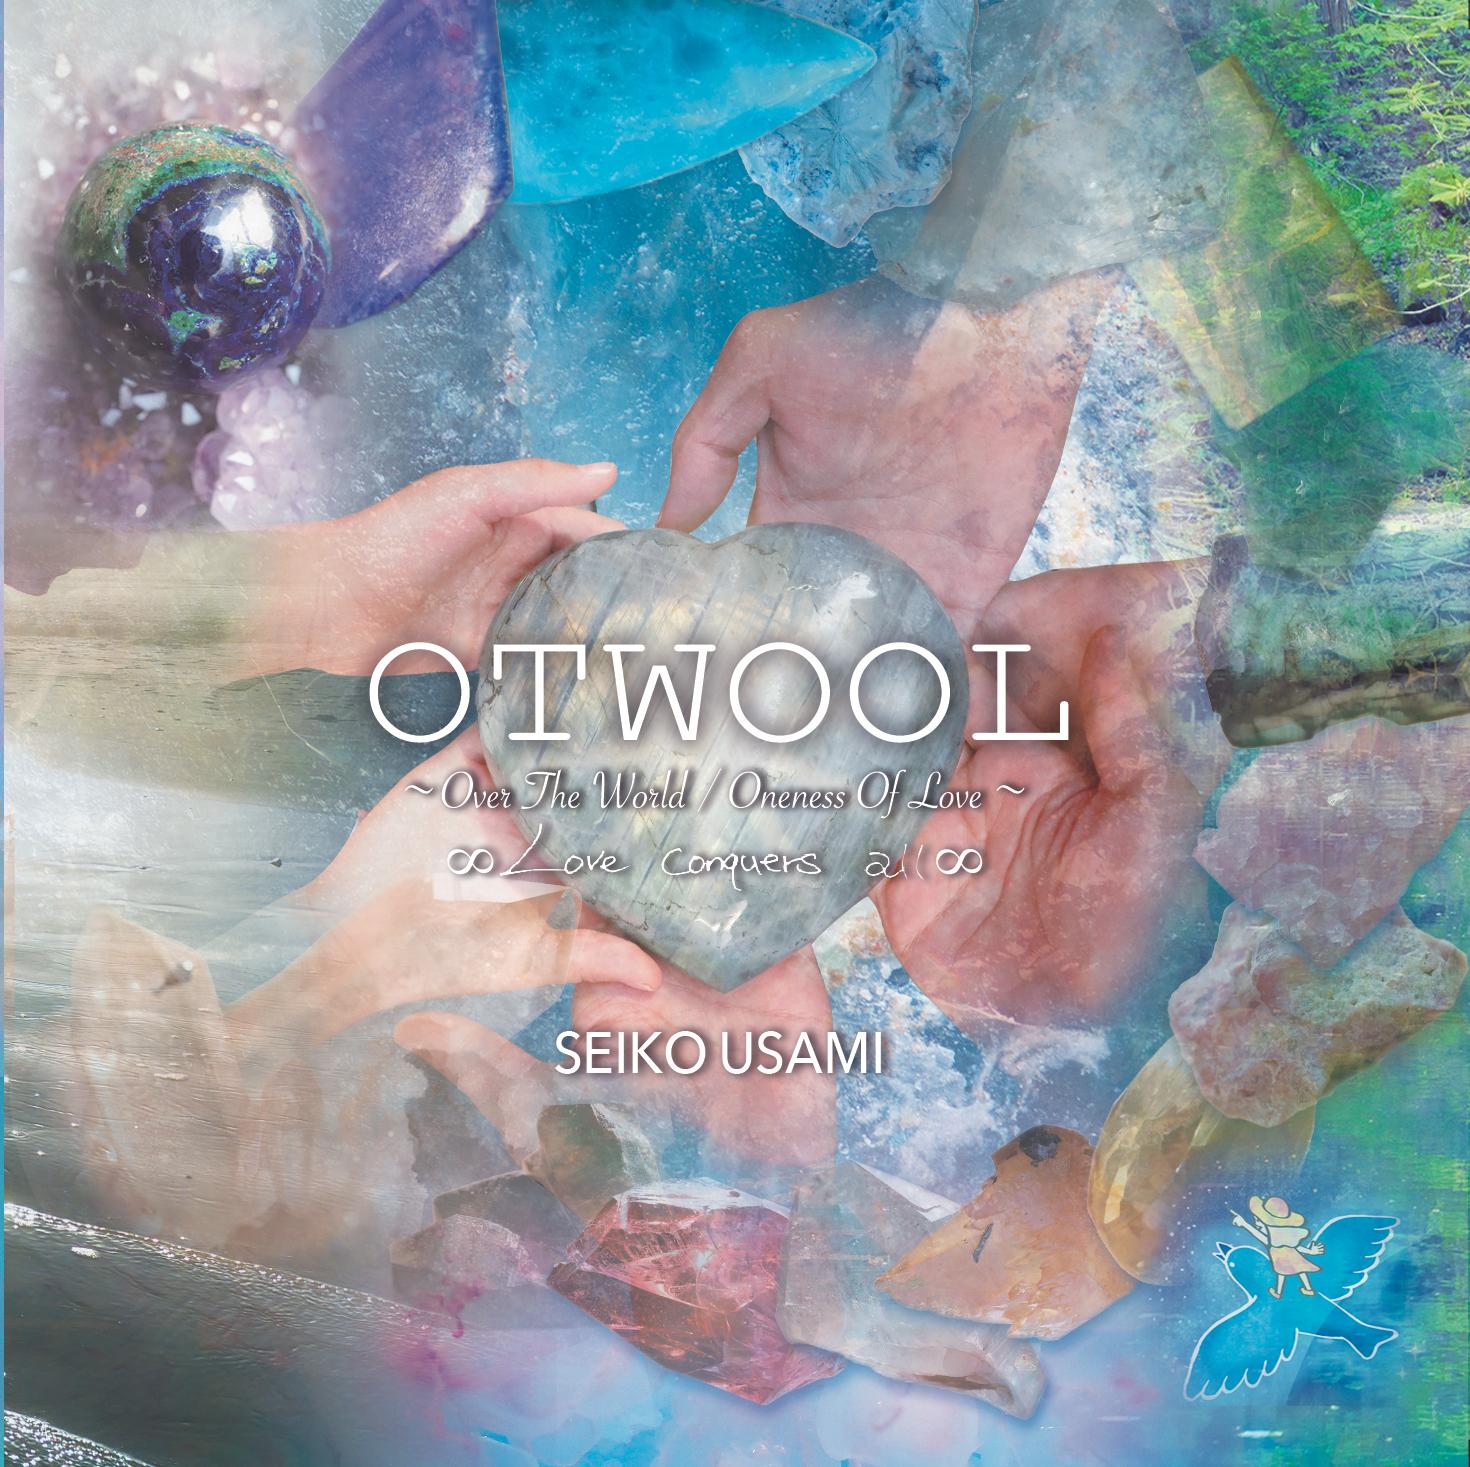 【通常盤】《OTWOOL》 SEIKO USAMI 1st フルアルバム